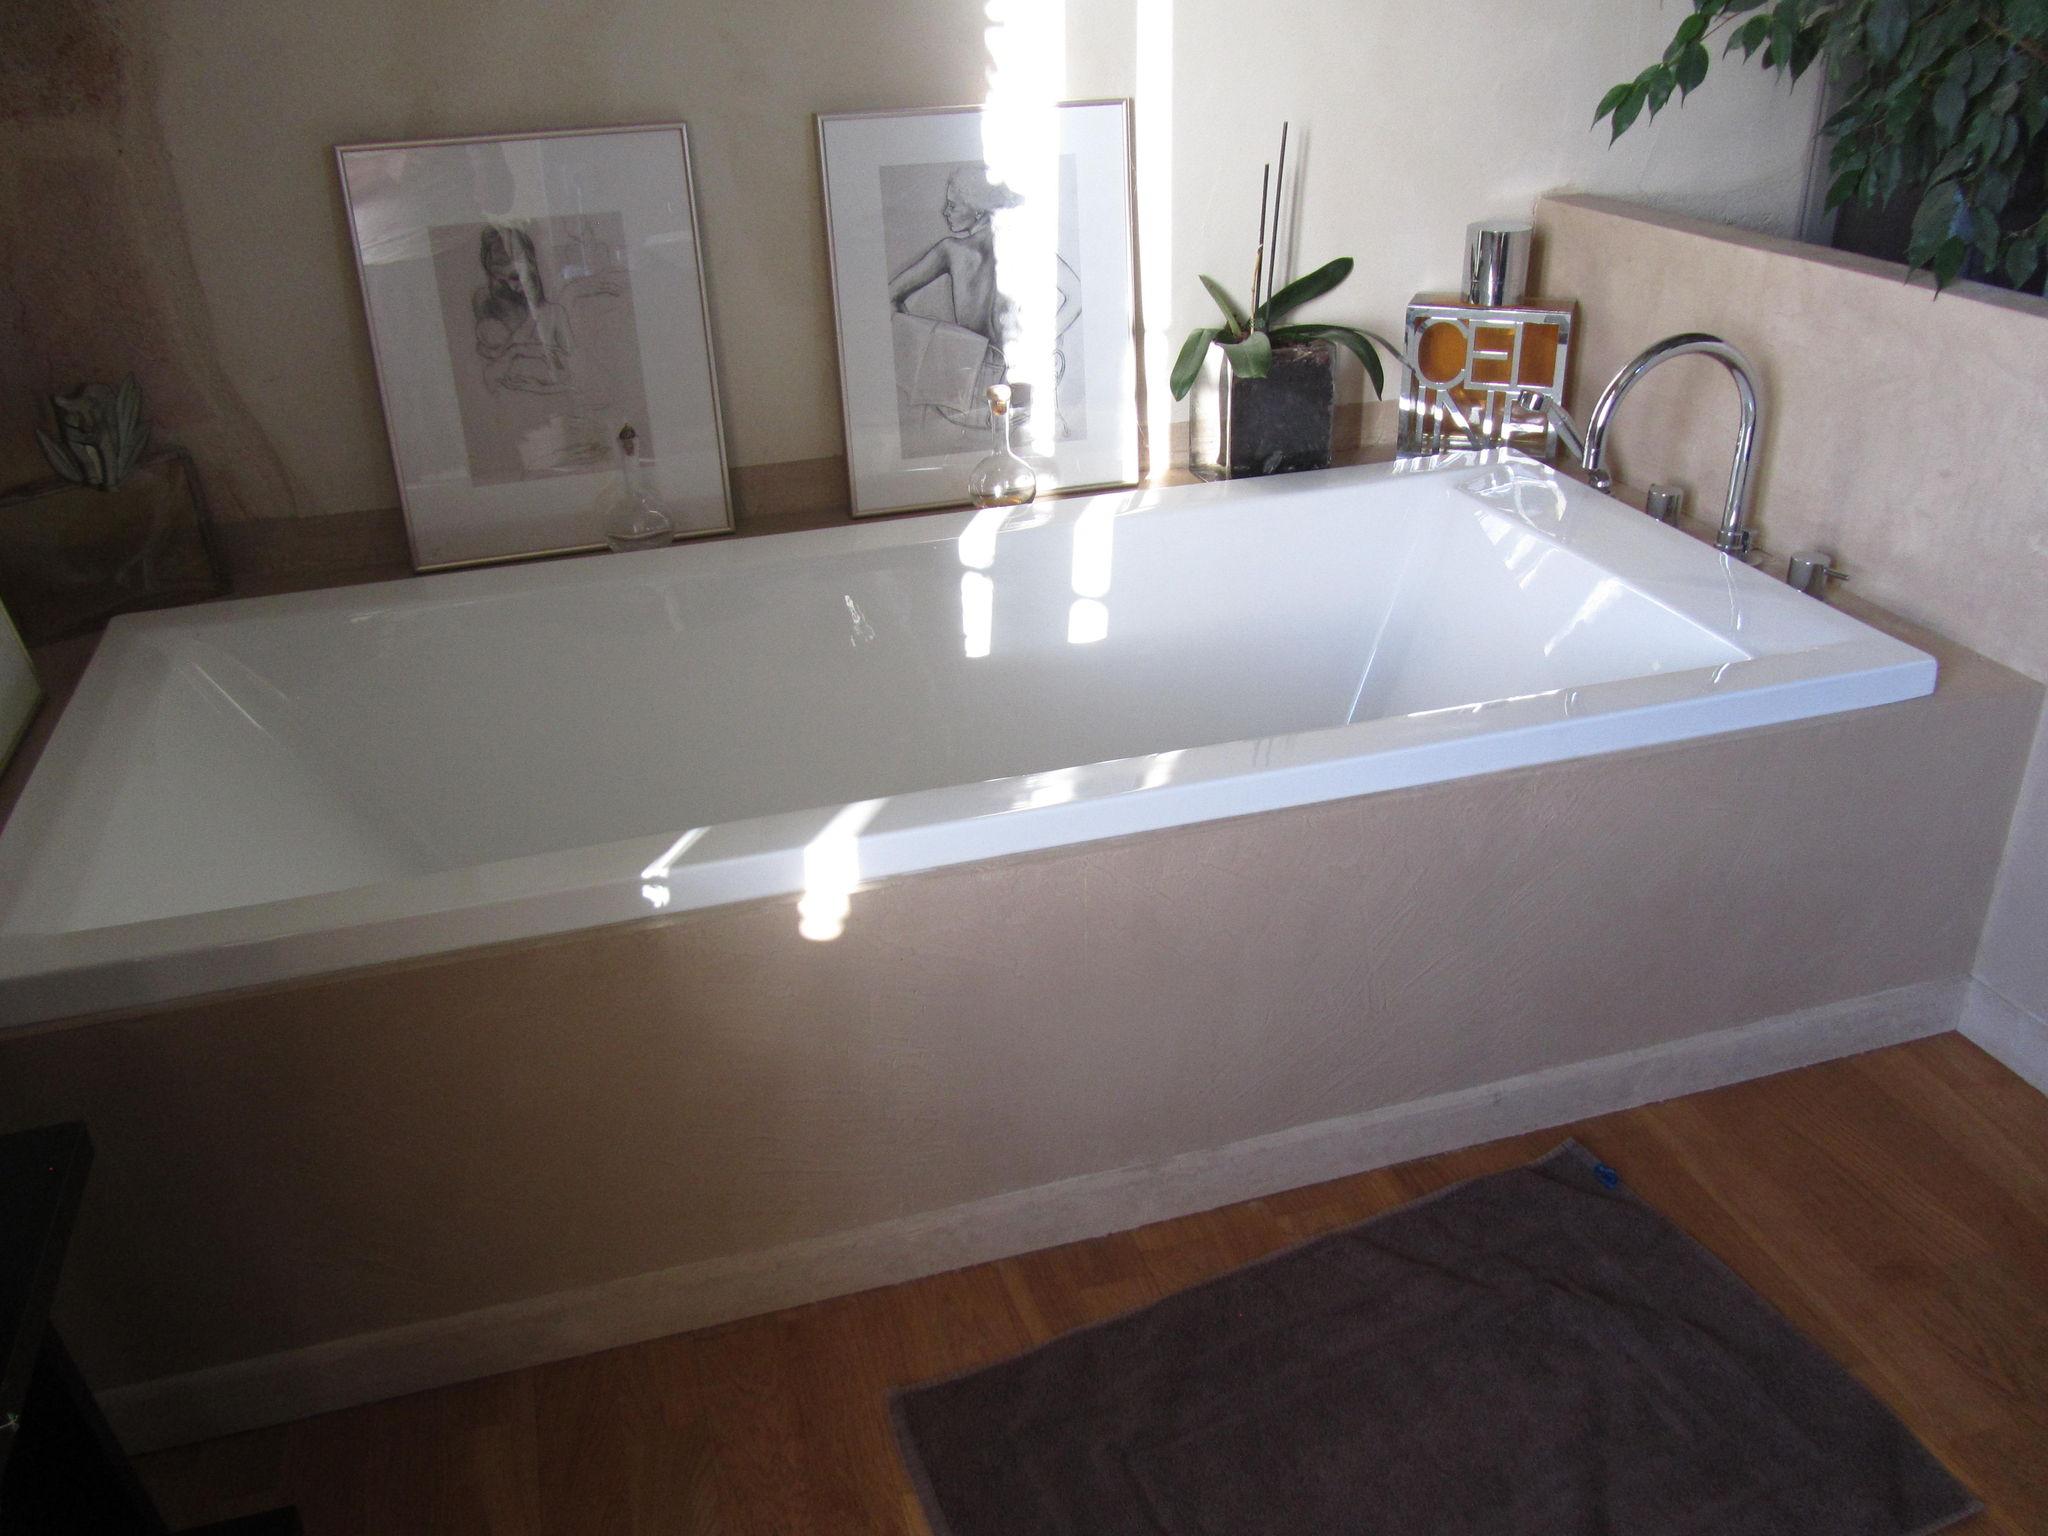 salle de bains beton cire sur tablier de baignoire